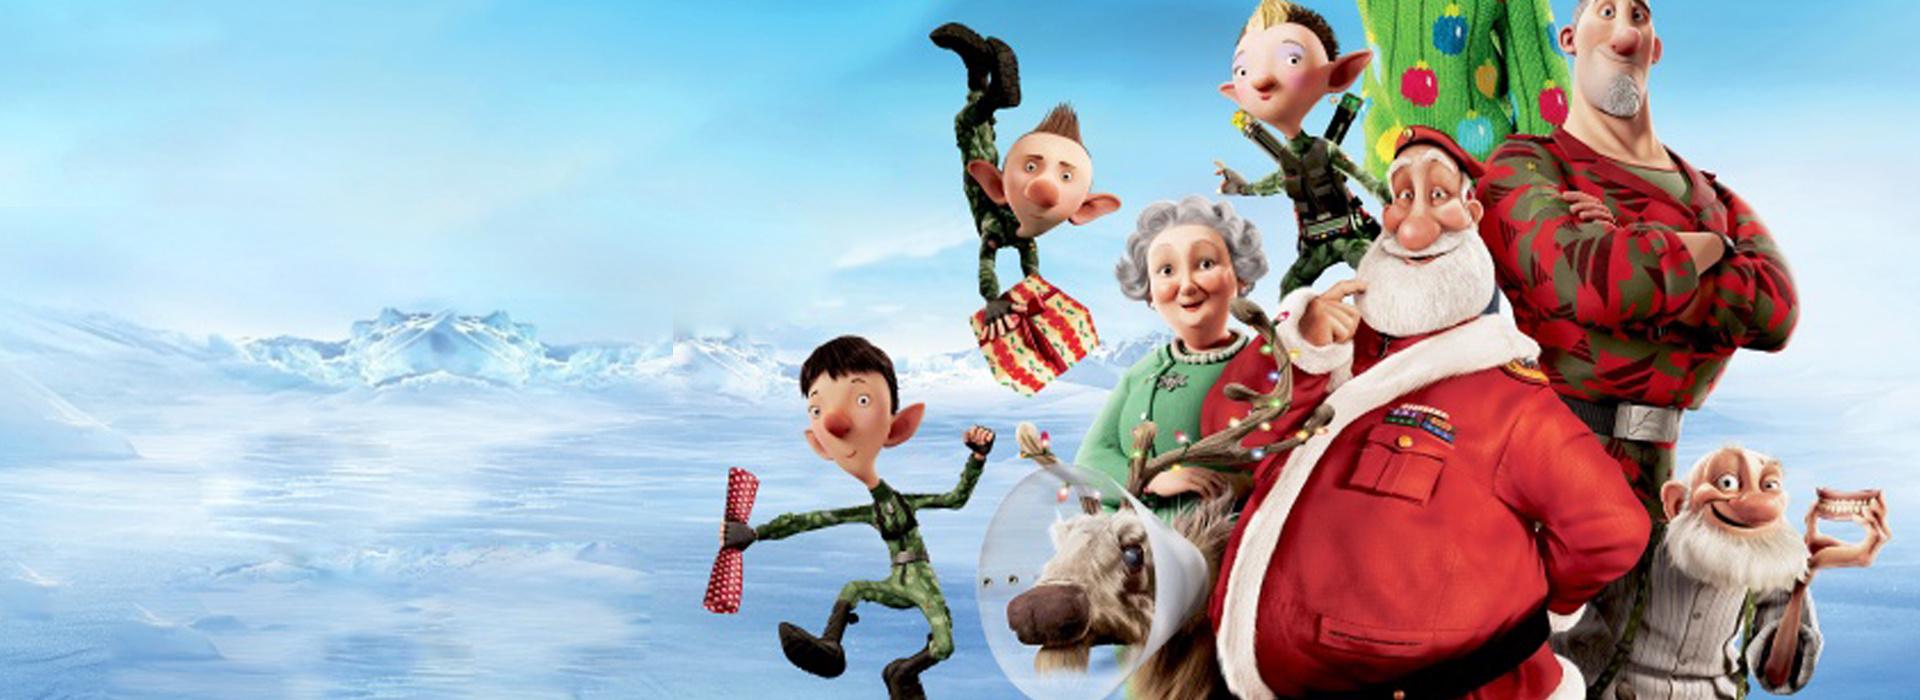 Что посмотреть на Рождество 3